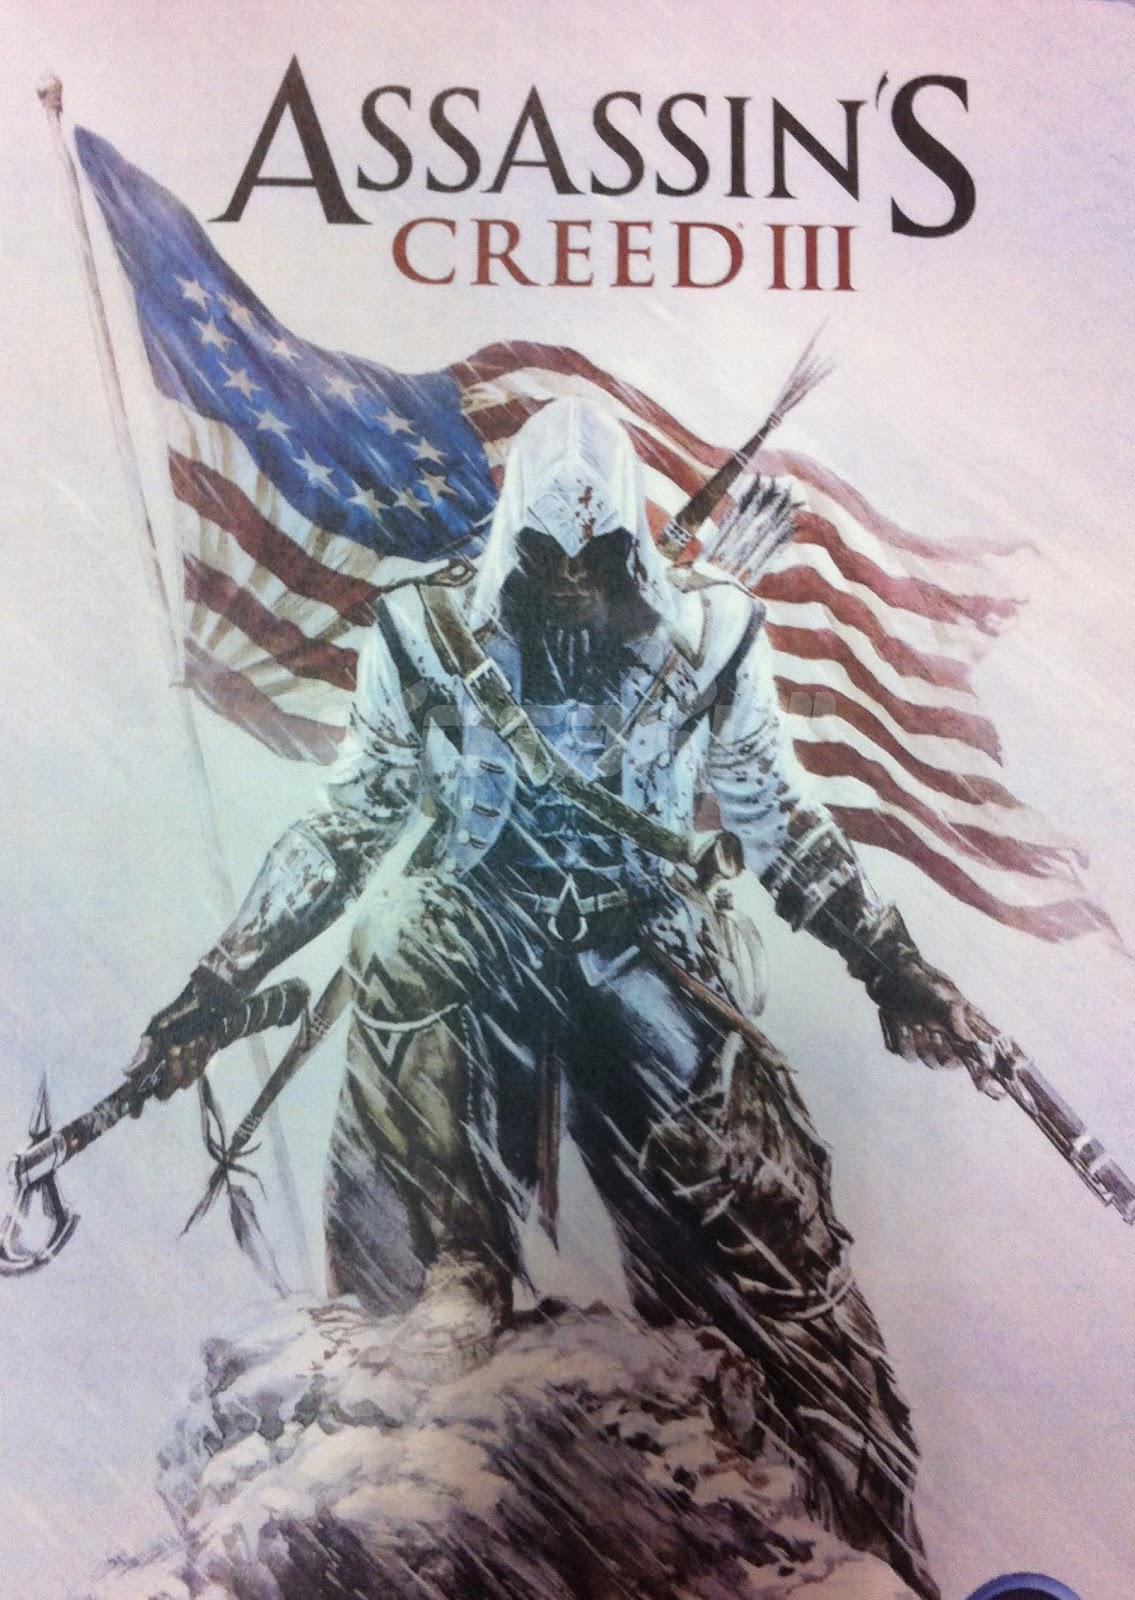 http://4.bp.blogspot.com/-lTvh4uGjSNQ/T1XDtLG1HaI/AAAAAAAACek/luo4iahN4k0/s1600/Assassins-Creed-3.jpg